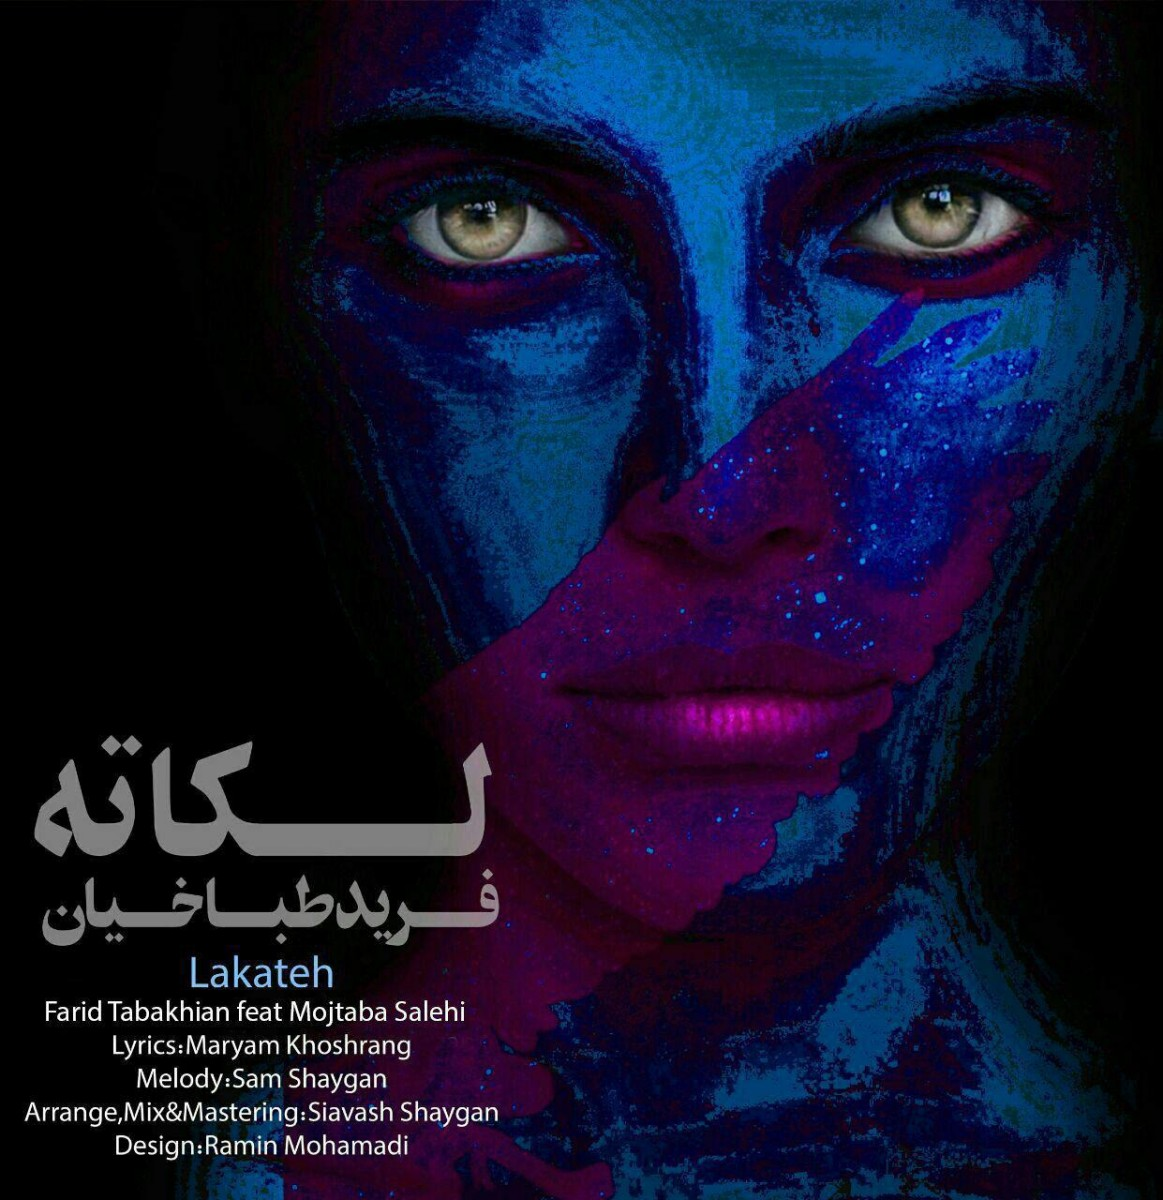 نامبر وان موزیک | دانلود آهنگ جدید FaridTabakhian